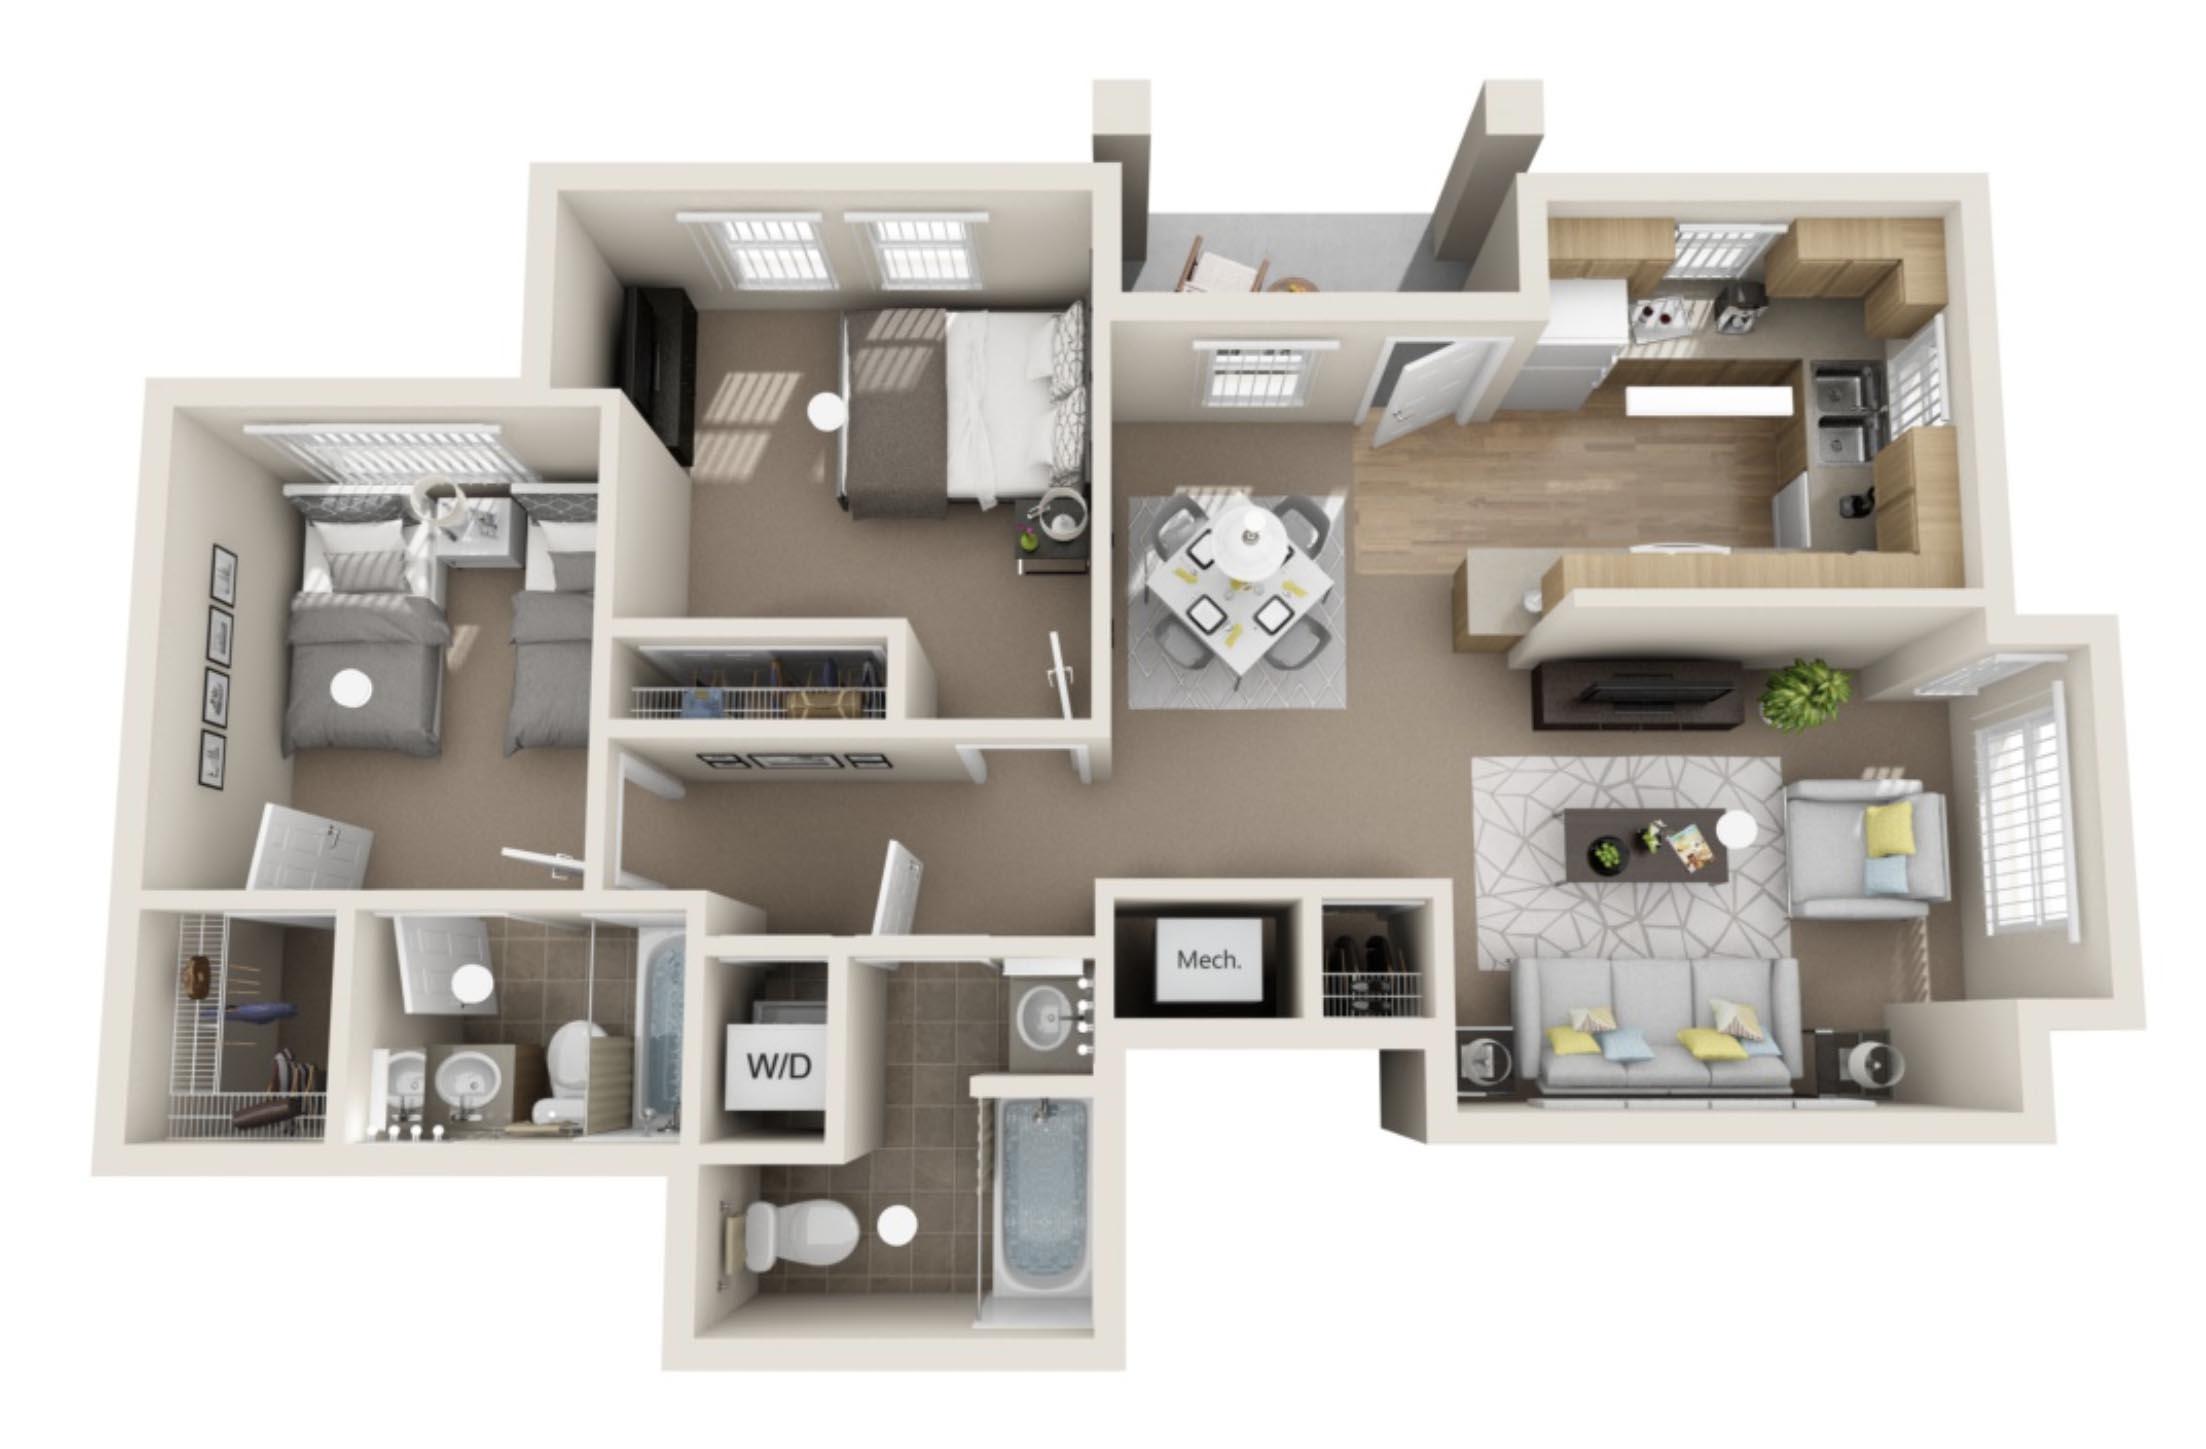 2 bedroom, 2 bath Flat - 979 sqft*